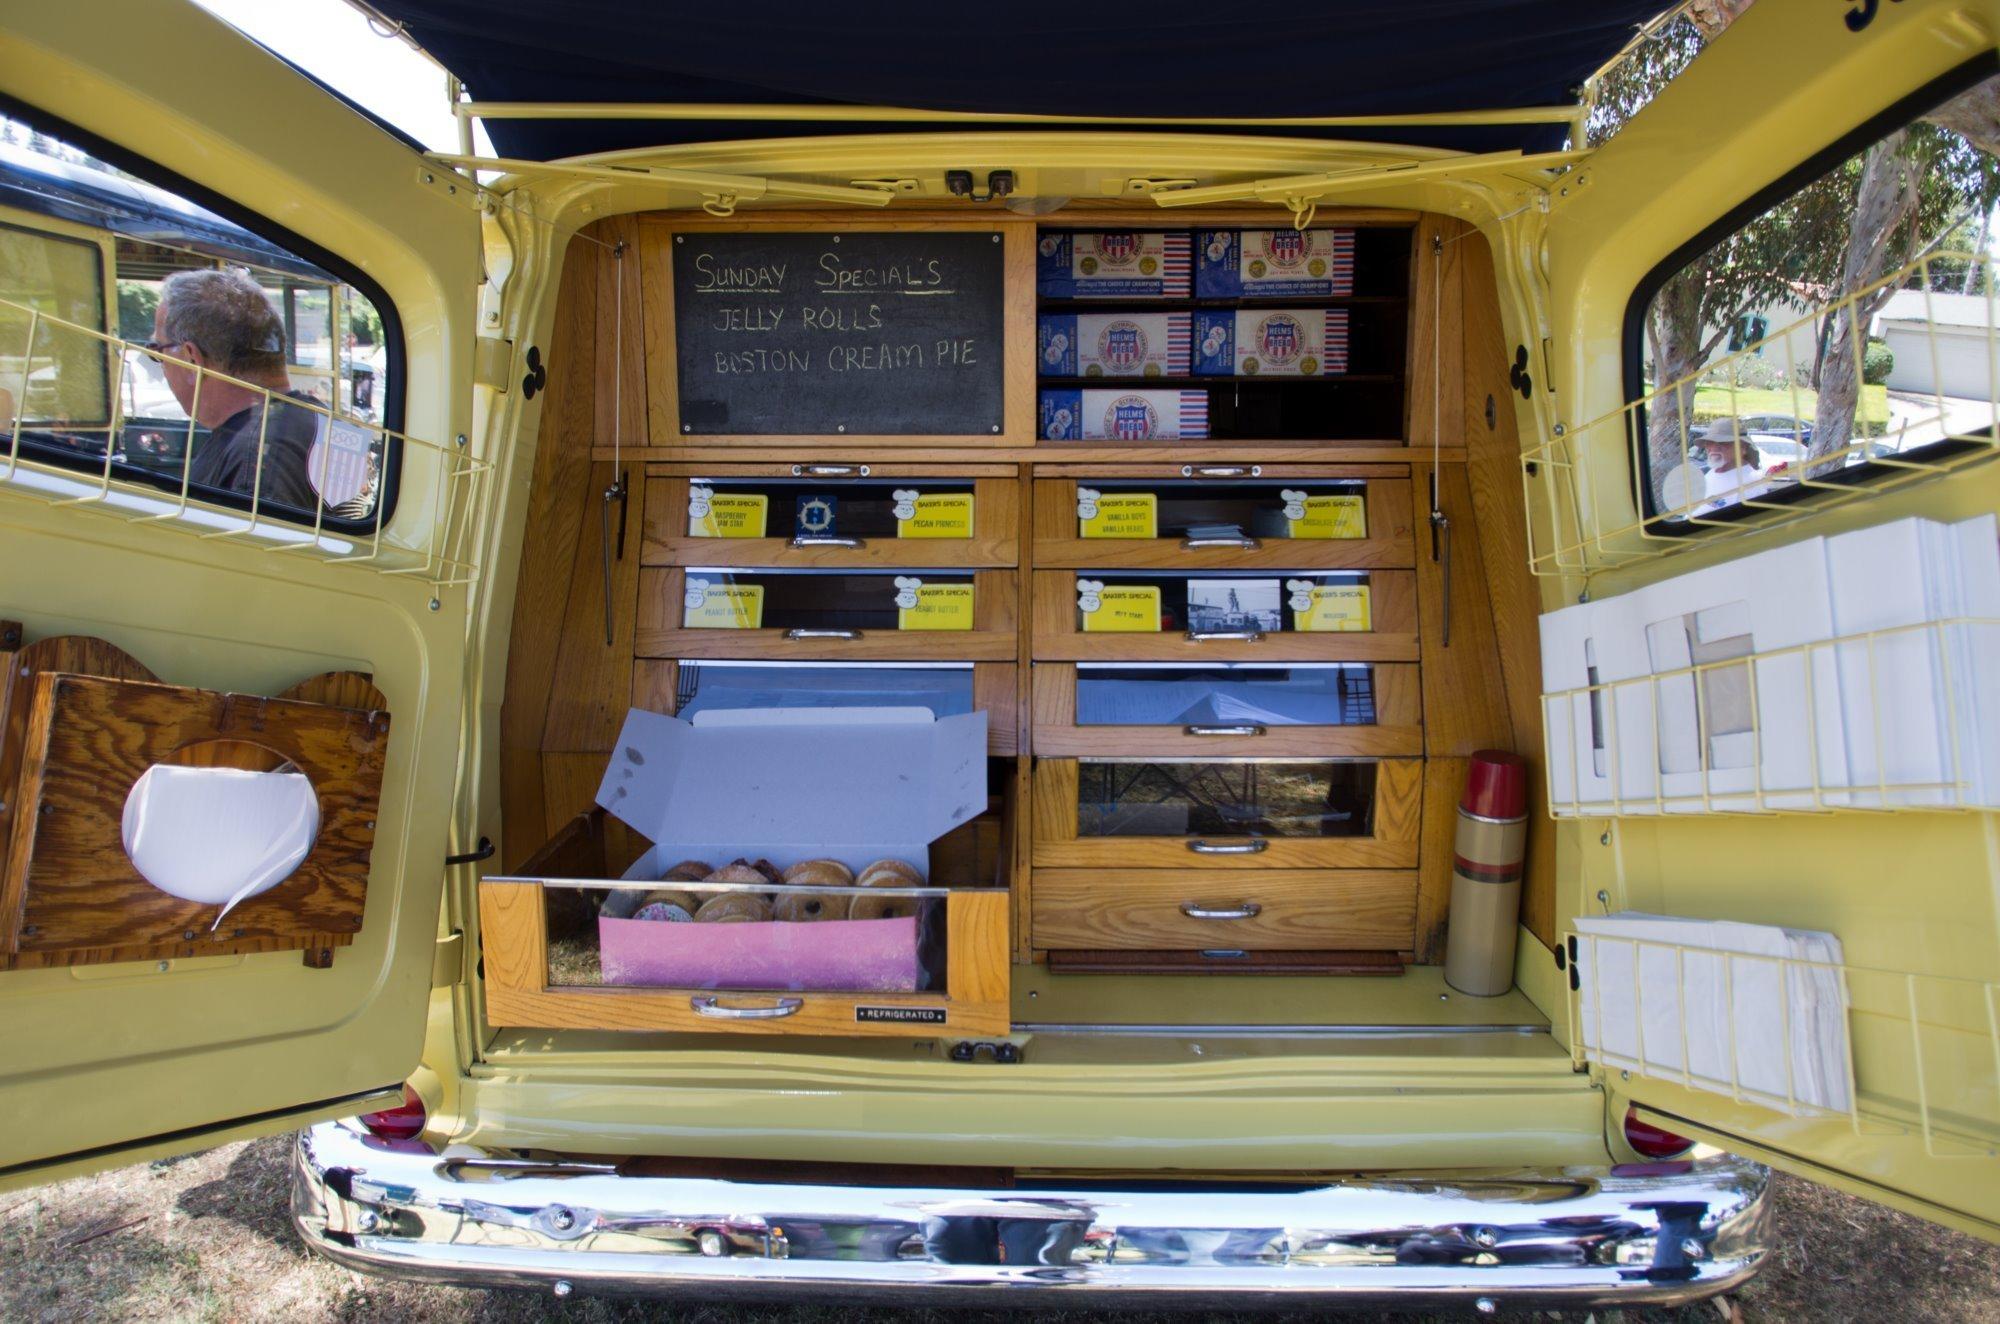 Helms Bakery Truck >> Car Show at the Muck - PentaxForums.com